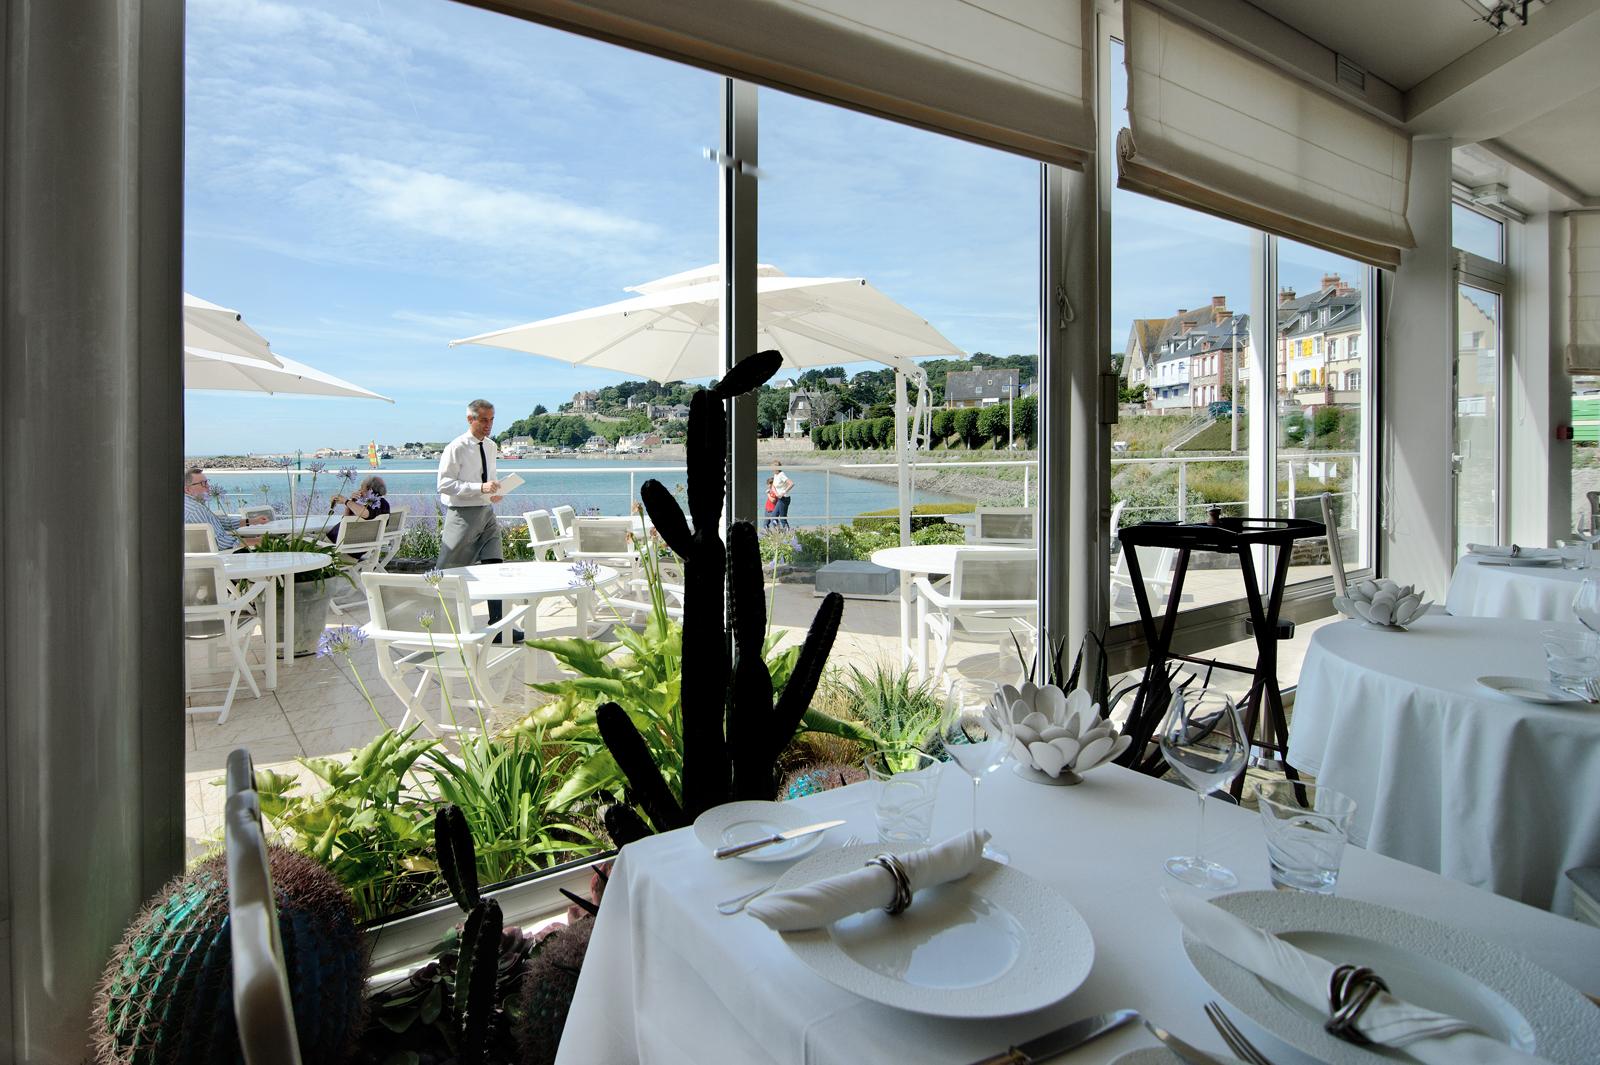 La marine hotel restaurant michelin barneville for Hotel michelin